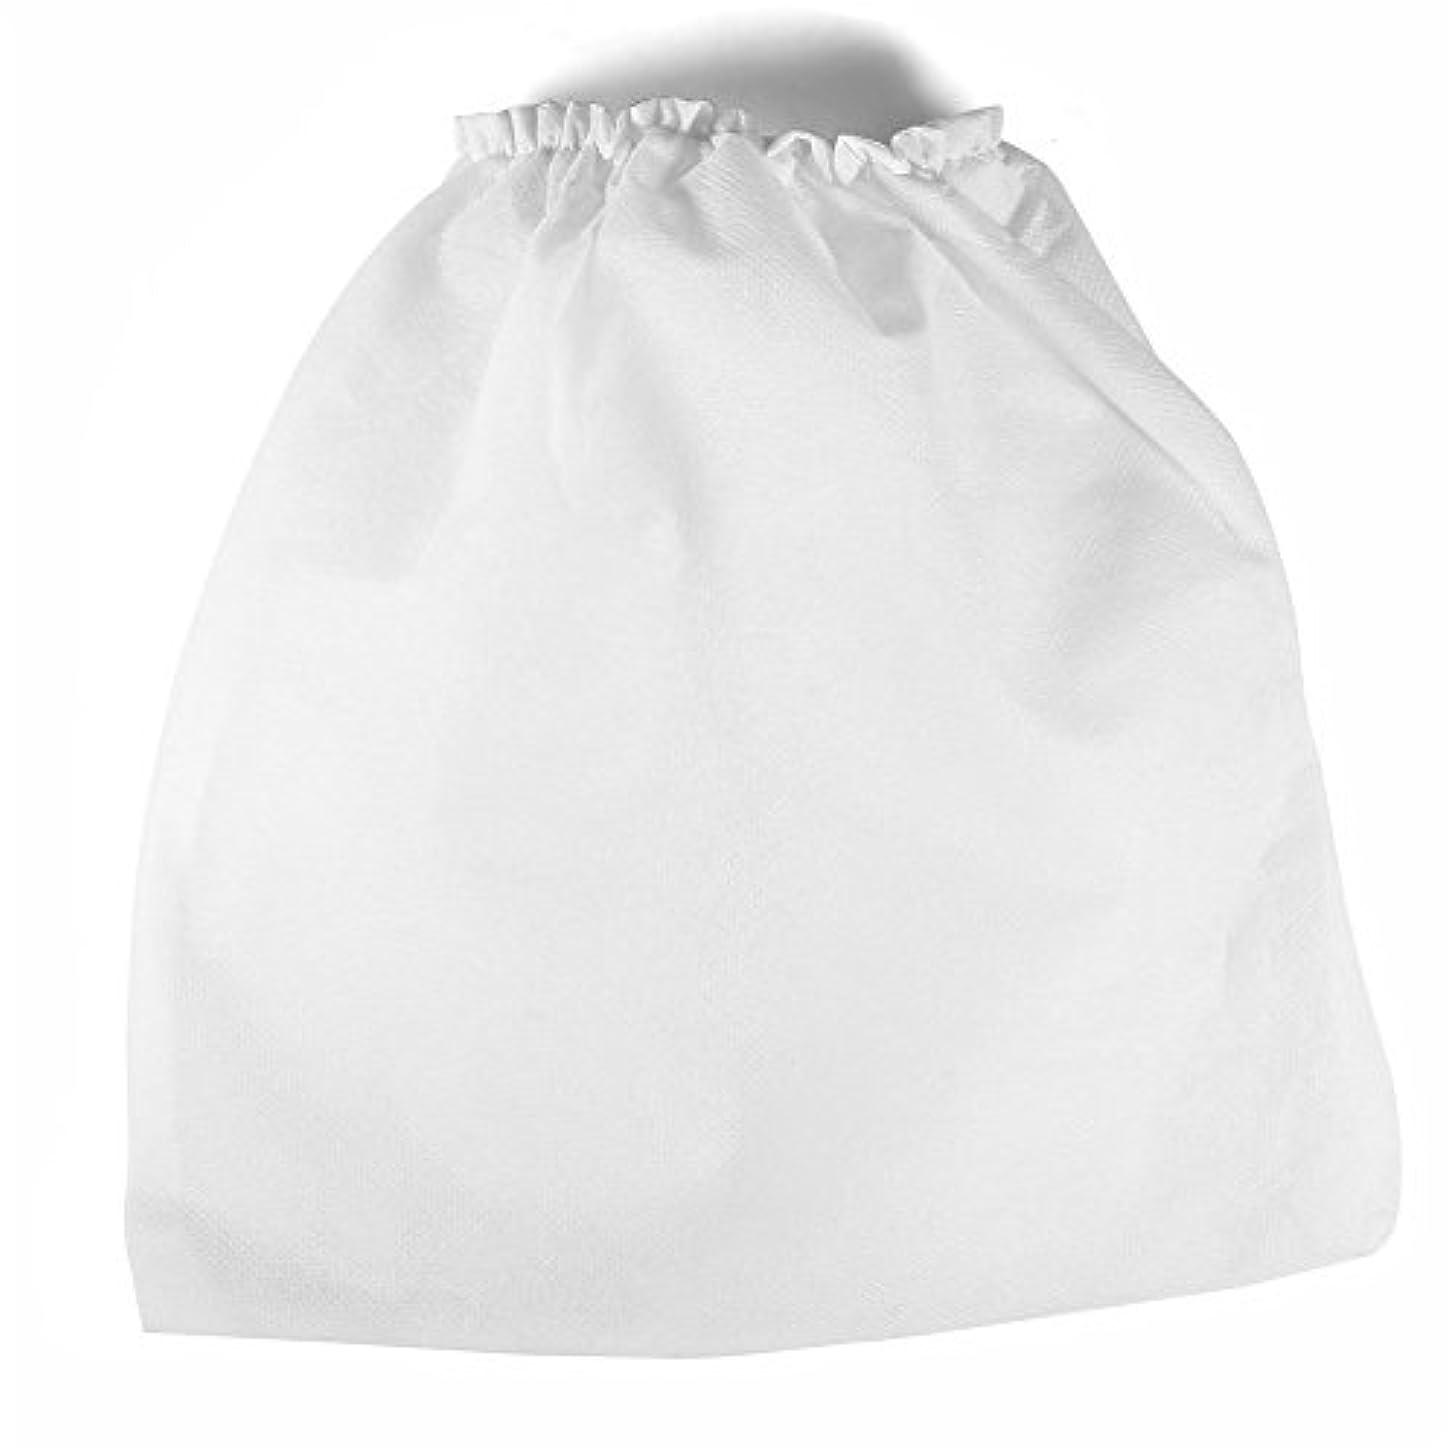 忌避剤細部マルクス主義者10本の不織布掃除機の交換用バッグ